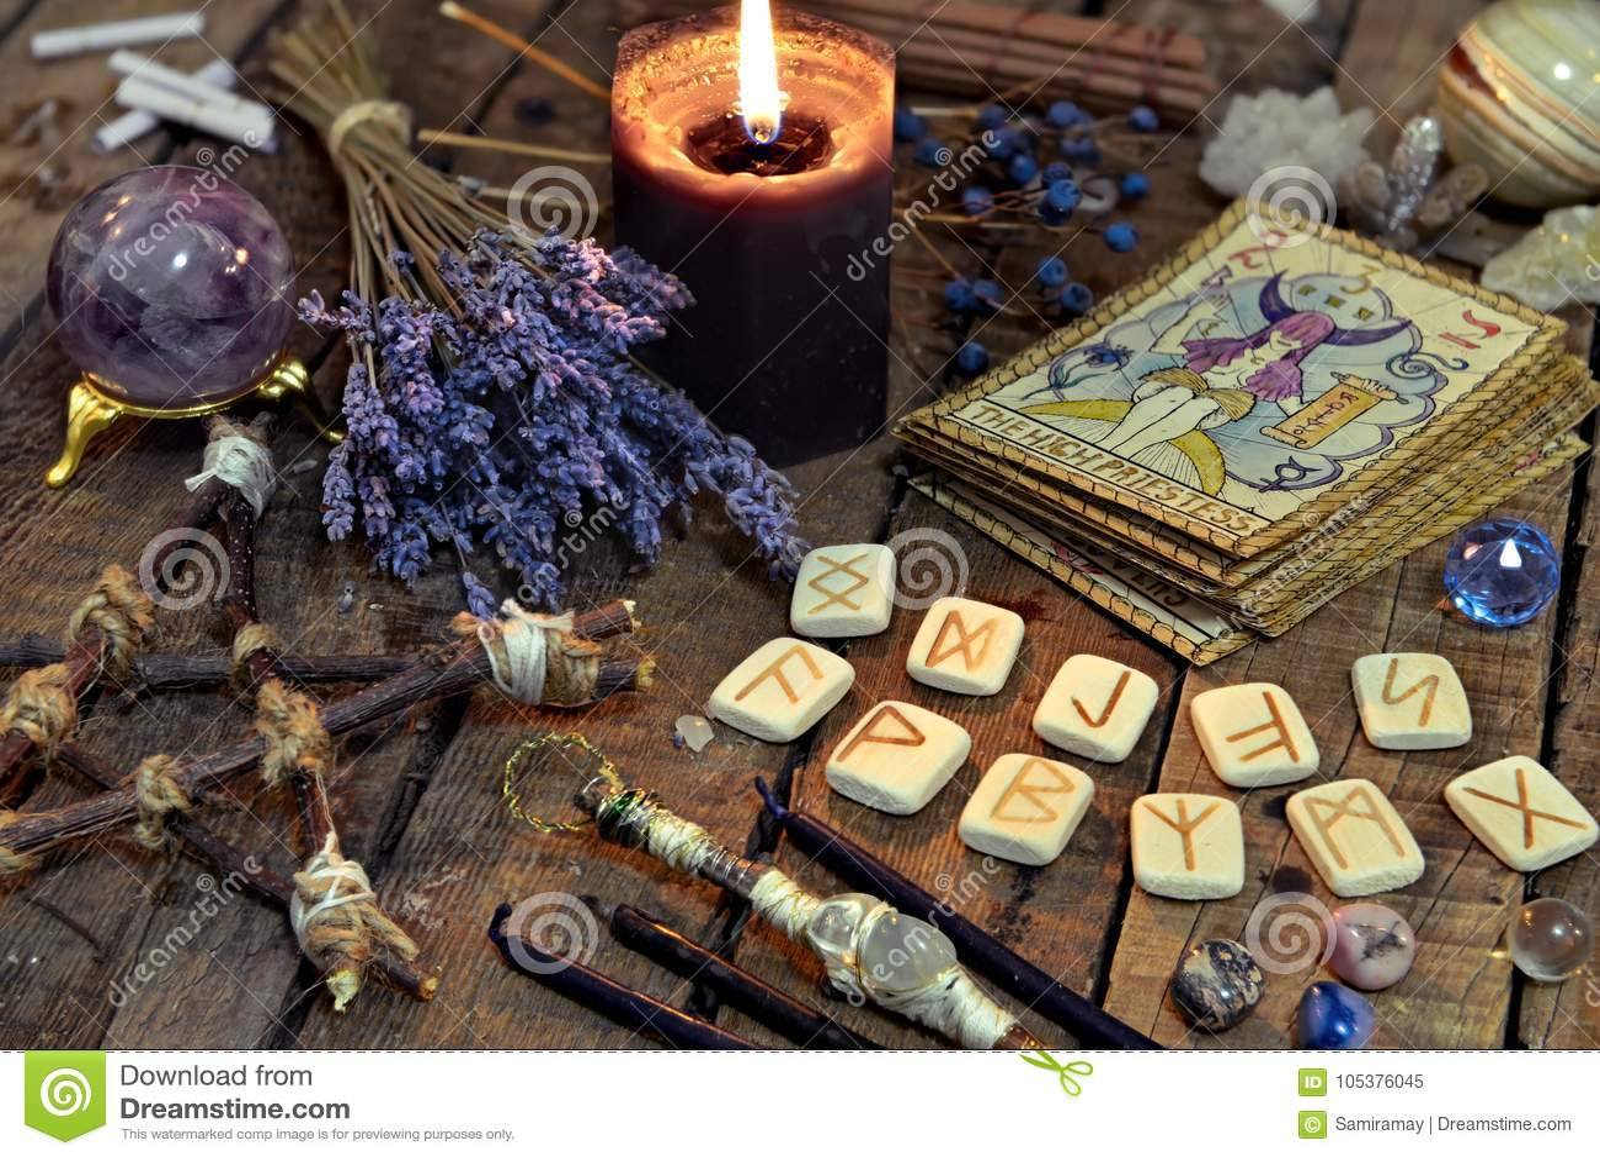 占卜用的纸牌、古老诗歌、黑蜡烛和五角星形